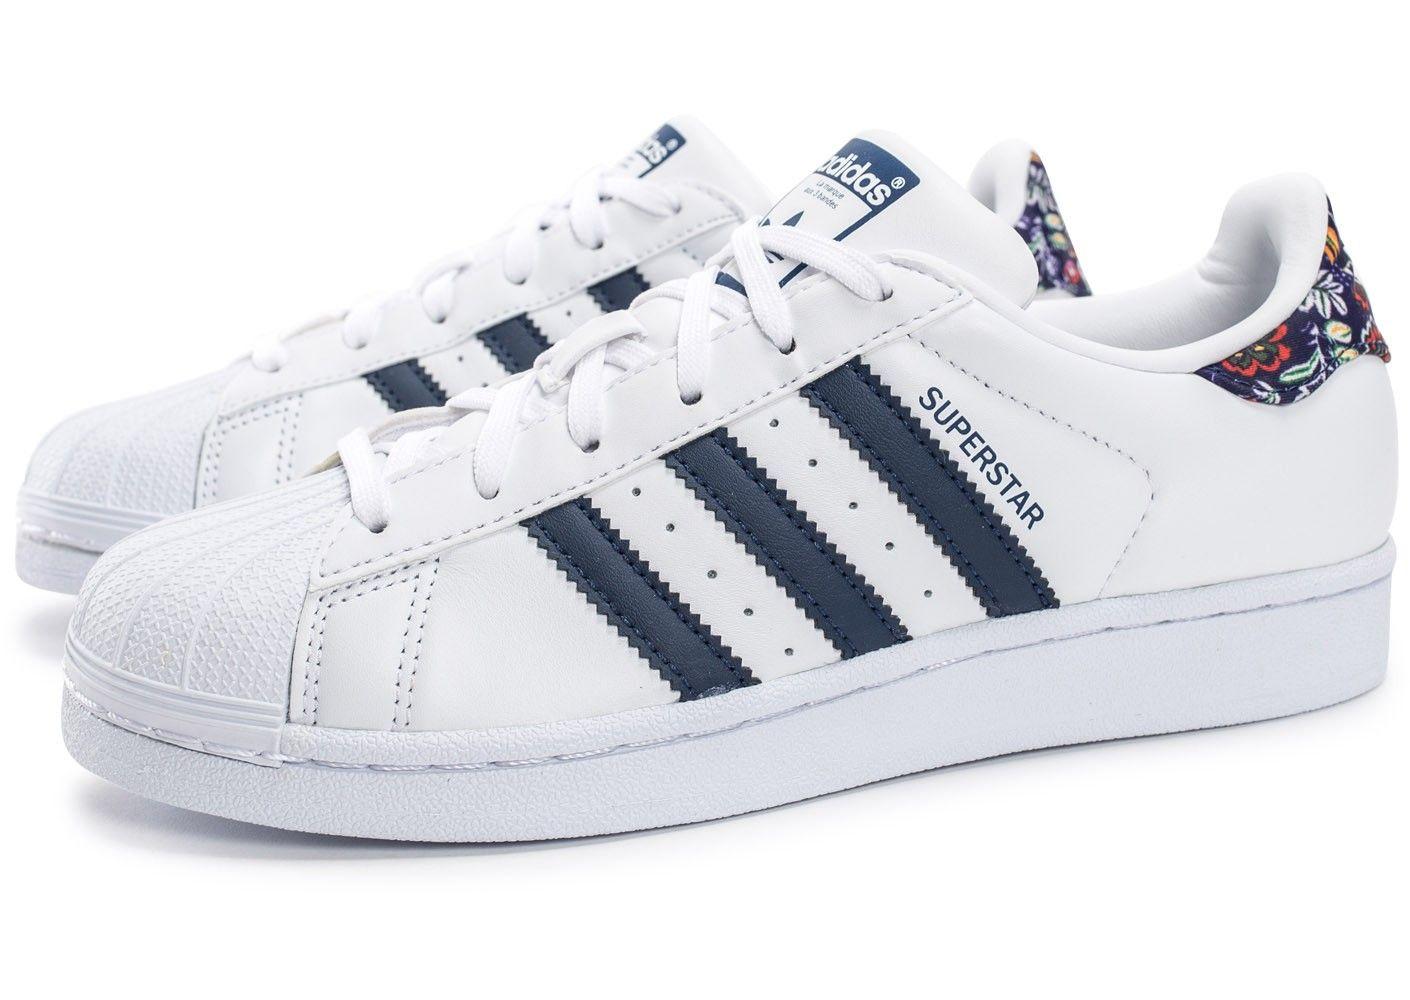 photos officielles c9c5c 9d15d Chaussures adidas Superstar Farm Company blanche et bleu ...